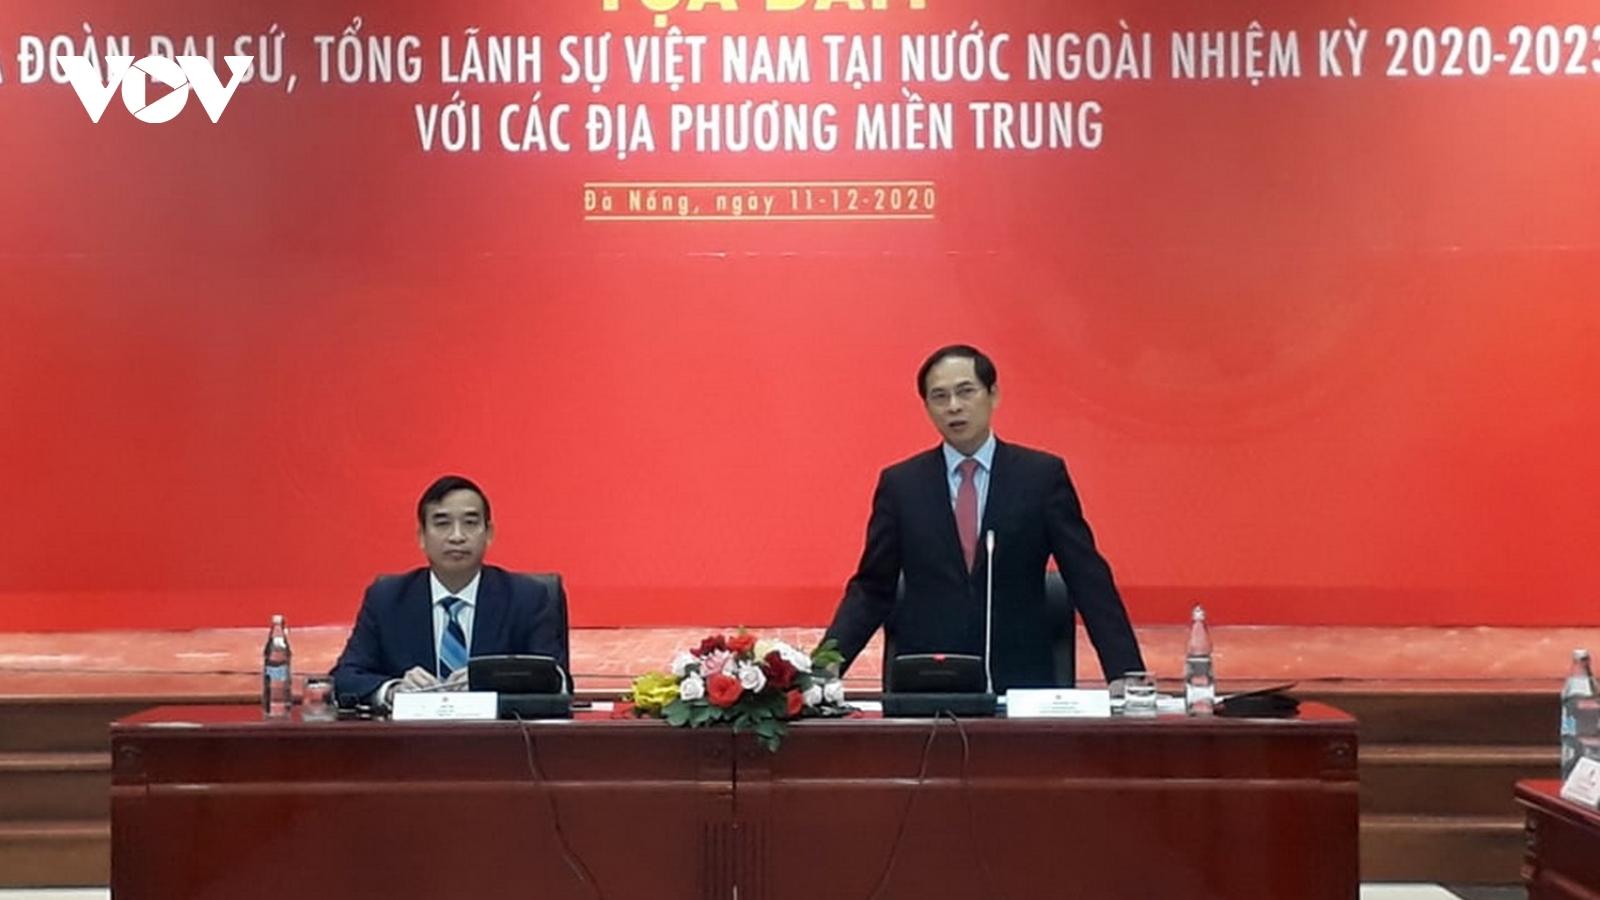 Cơ quan Đại diện Ngoại giao ở Việt Nam cùng các địa phương đẩy mạnh hội nhập quốc tế